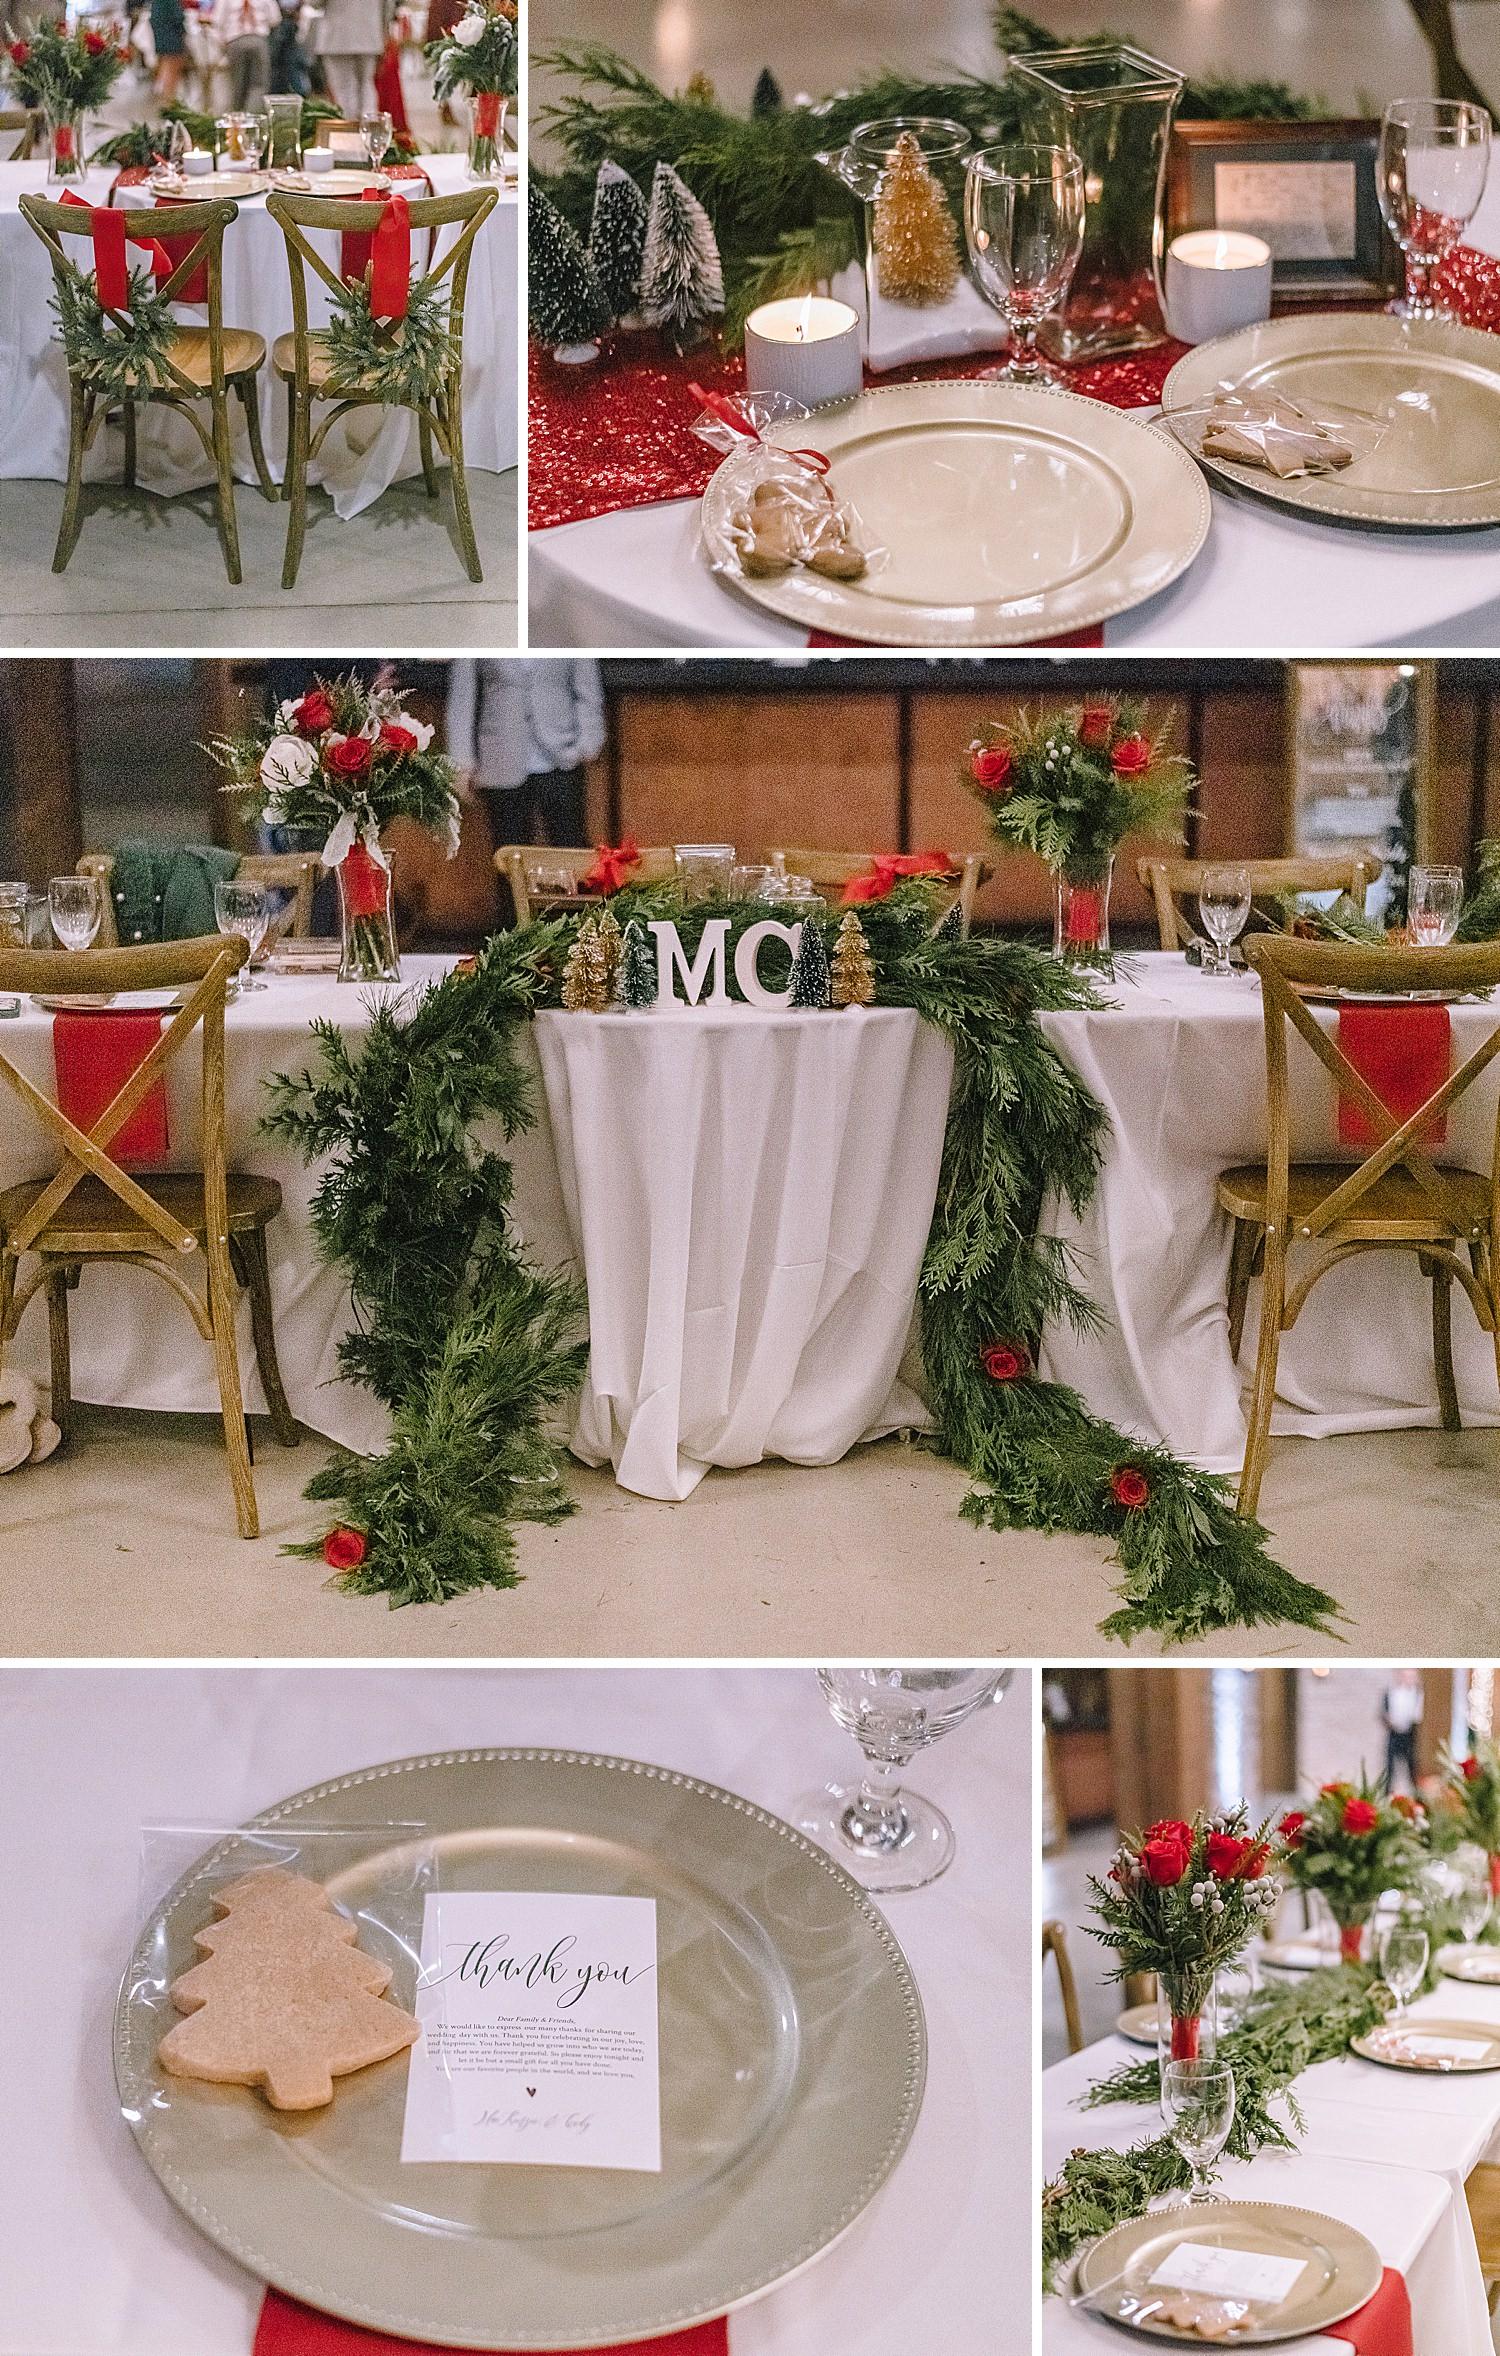 College-Station-Aggie-Wedding-The-Weinberg-at-Wixon-Valley-Christmas-Hallmark-Wedding_0014.jpg